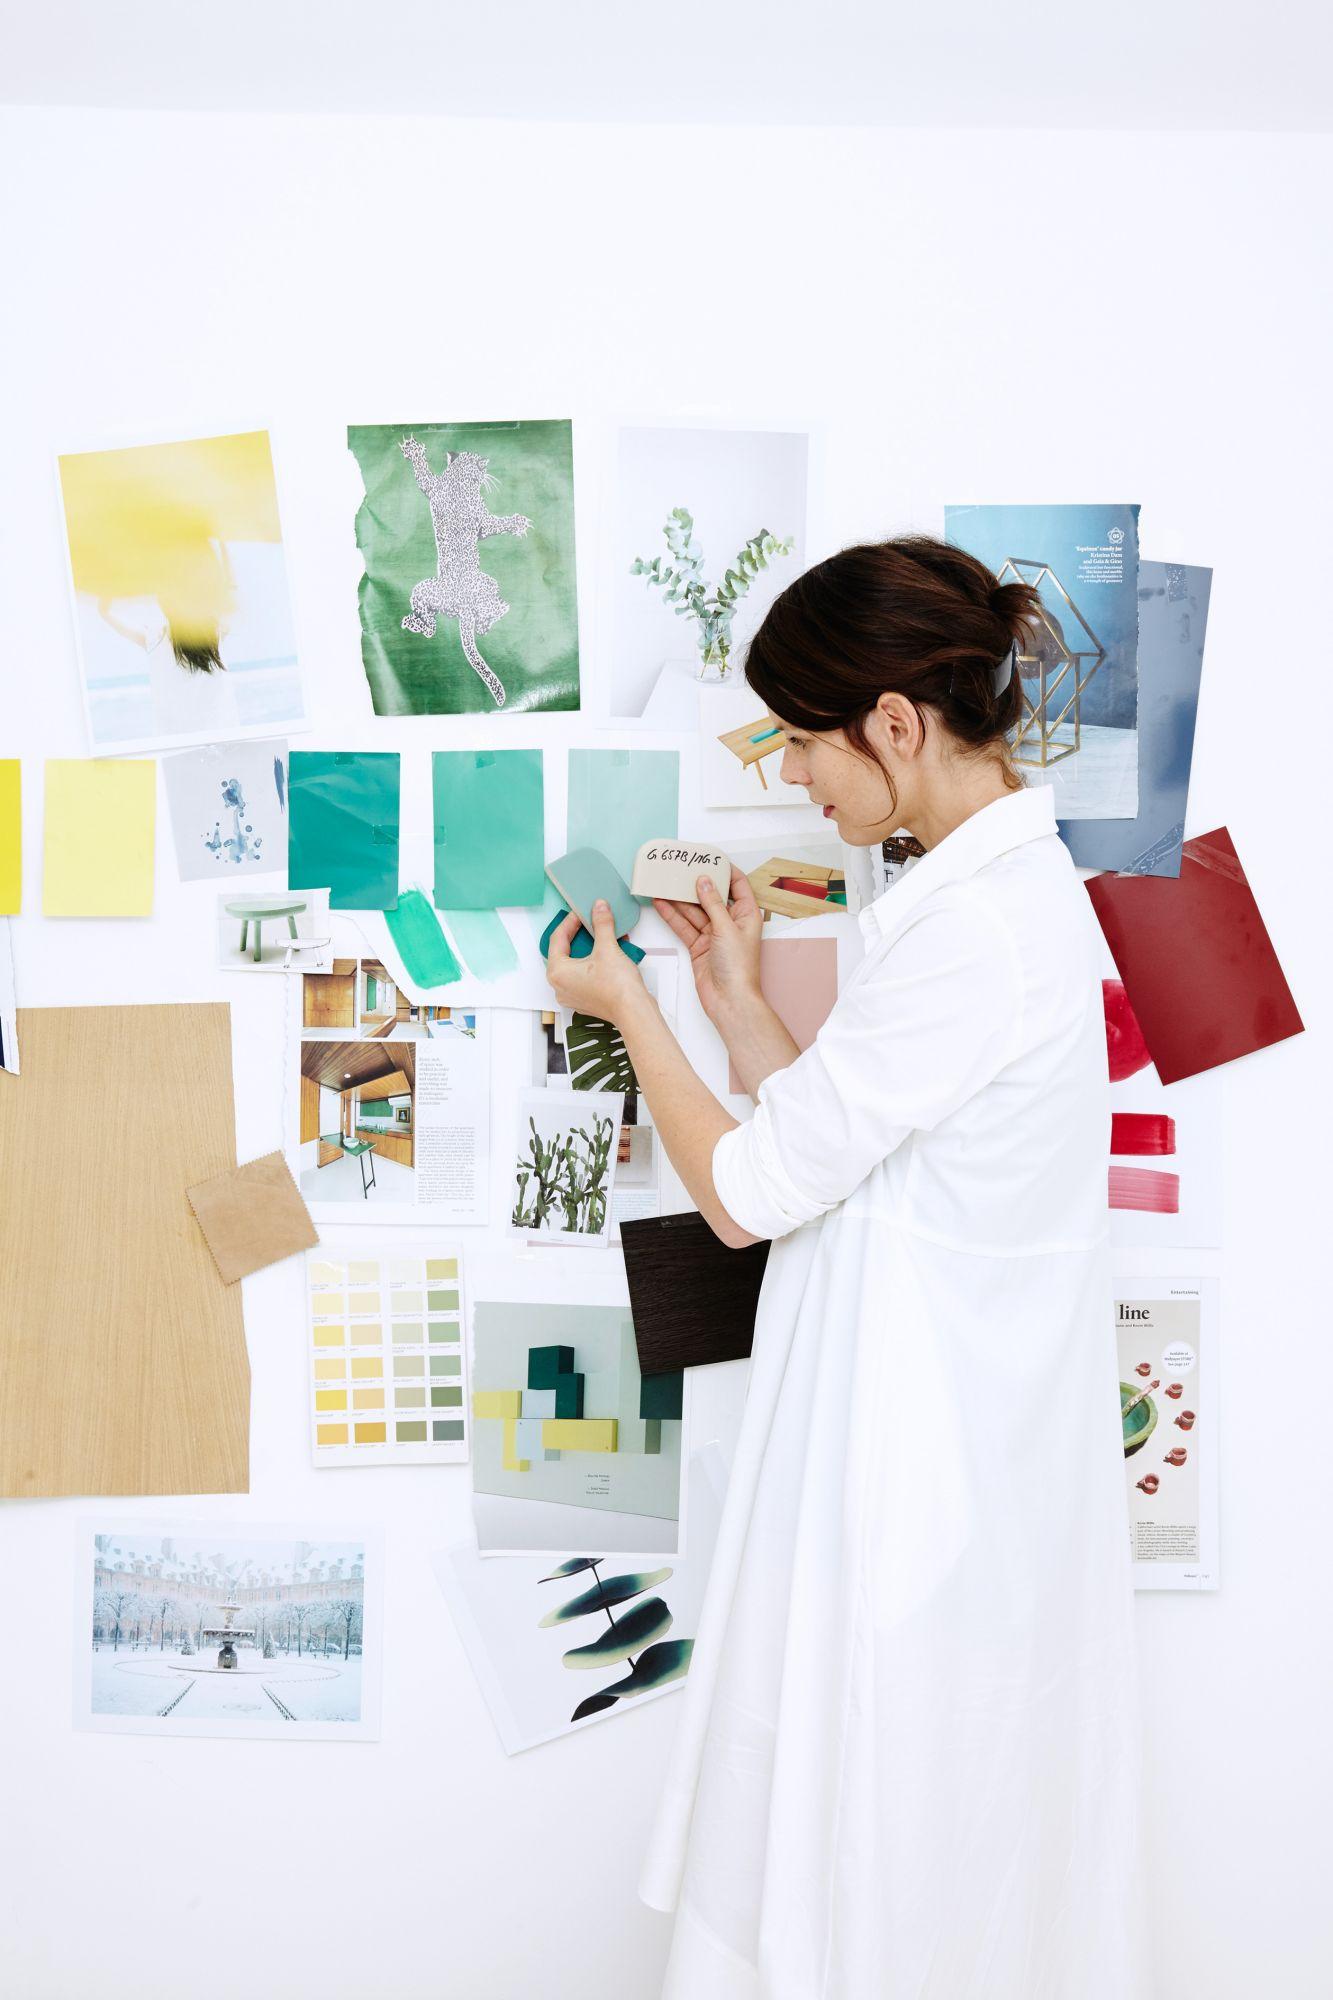 德國威瑪包浩斯學院與名古屋藝術大學畢業,設計師Gesa Hansen為Villeroy&Boch面盆系列操刀。